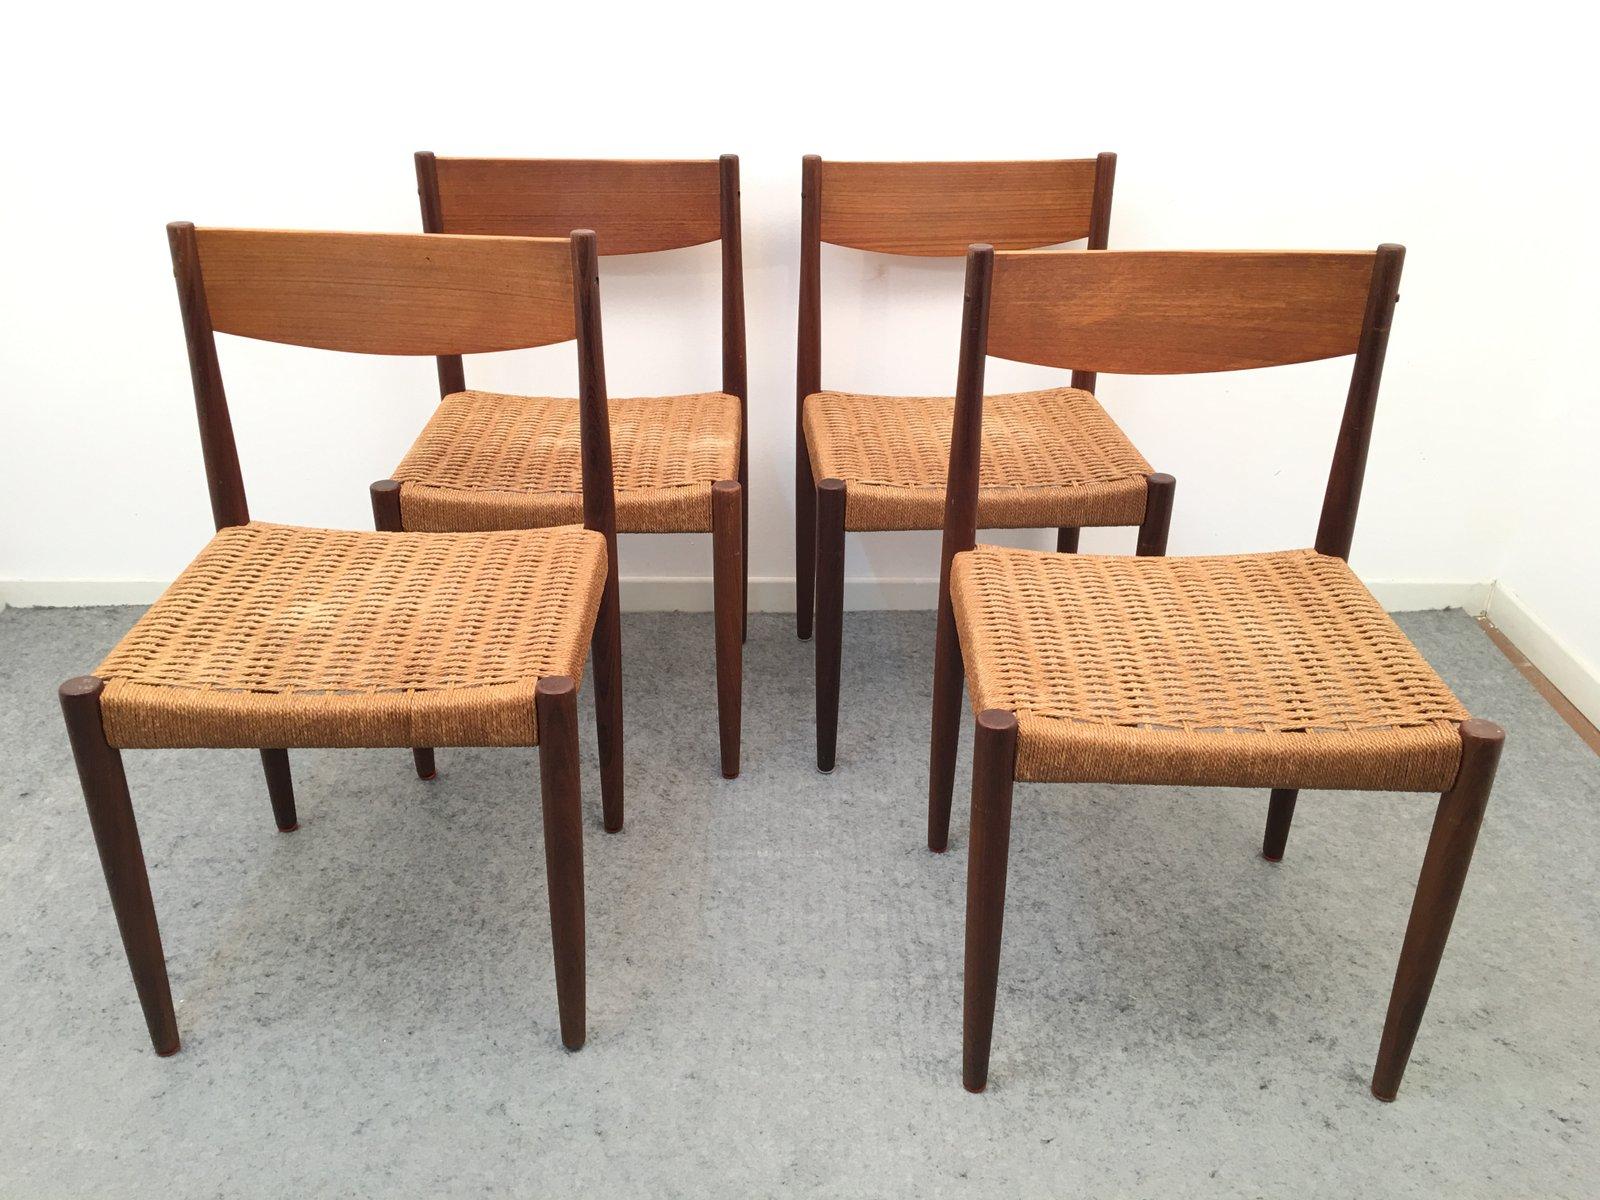 chaises en teck et en cordes de papier par h sigh s n danemark 1960s set de 4 en vente sur. Black Bedroom Furniture Sets. Home Design Ideas